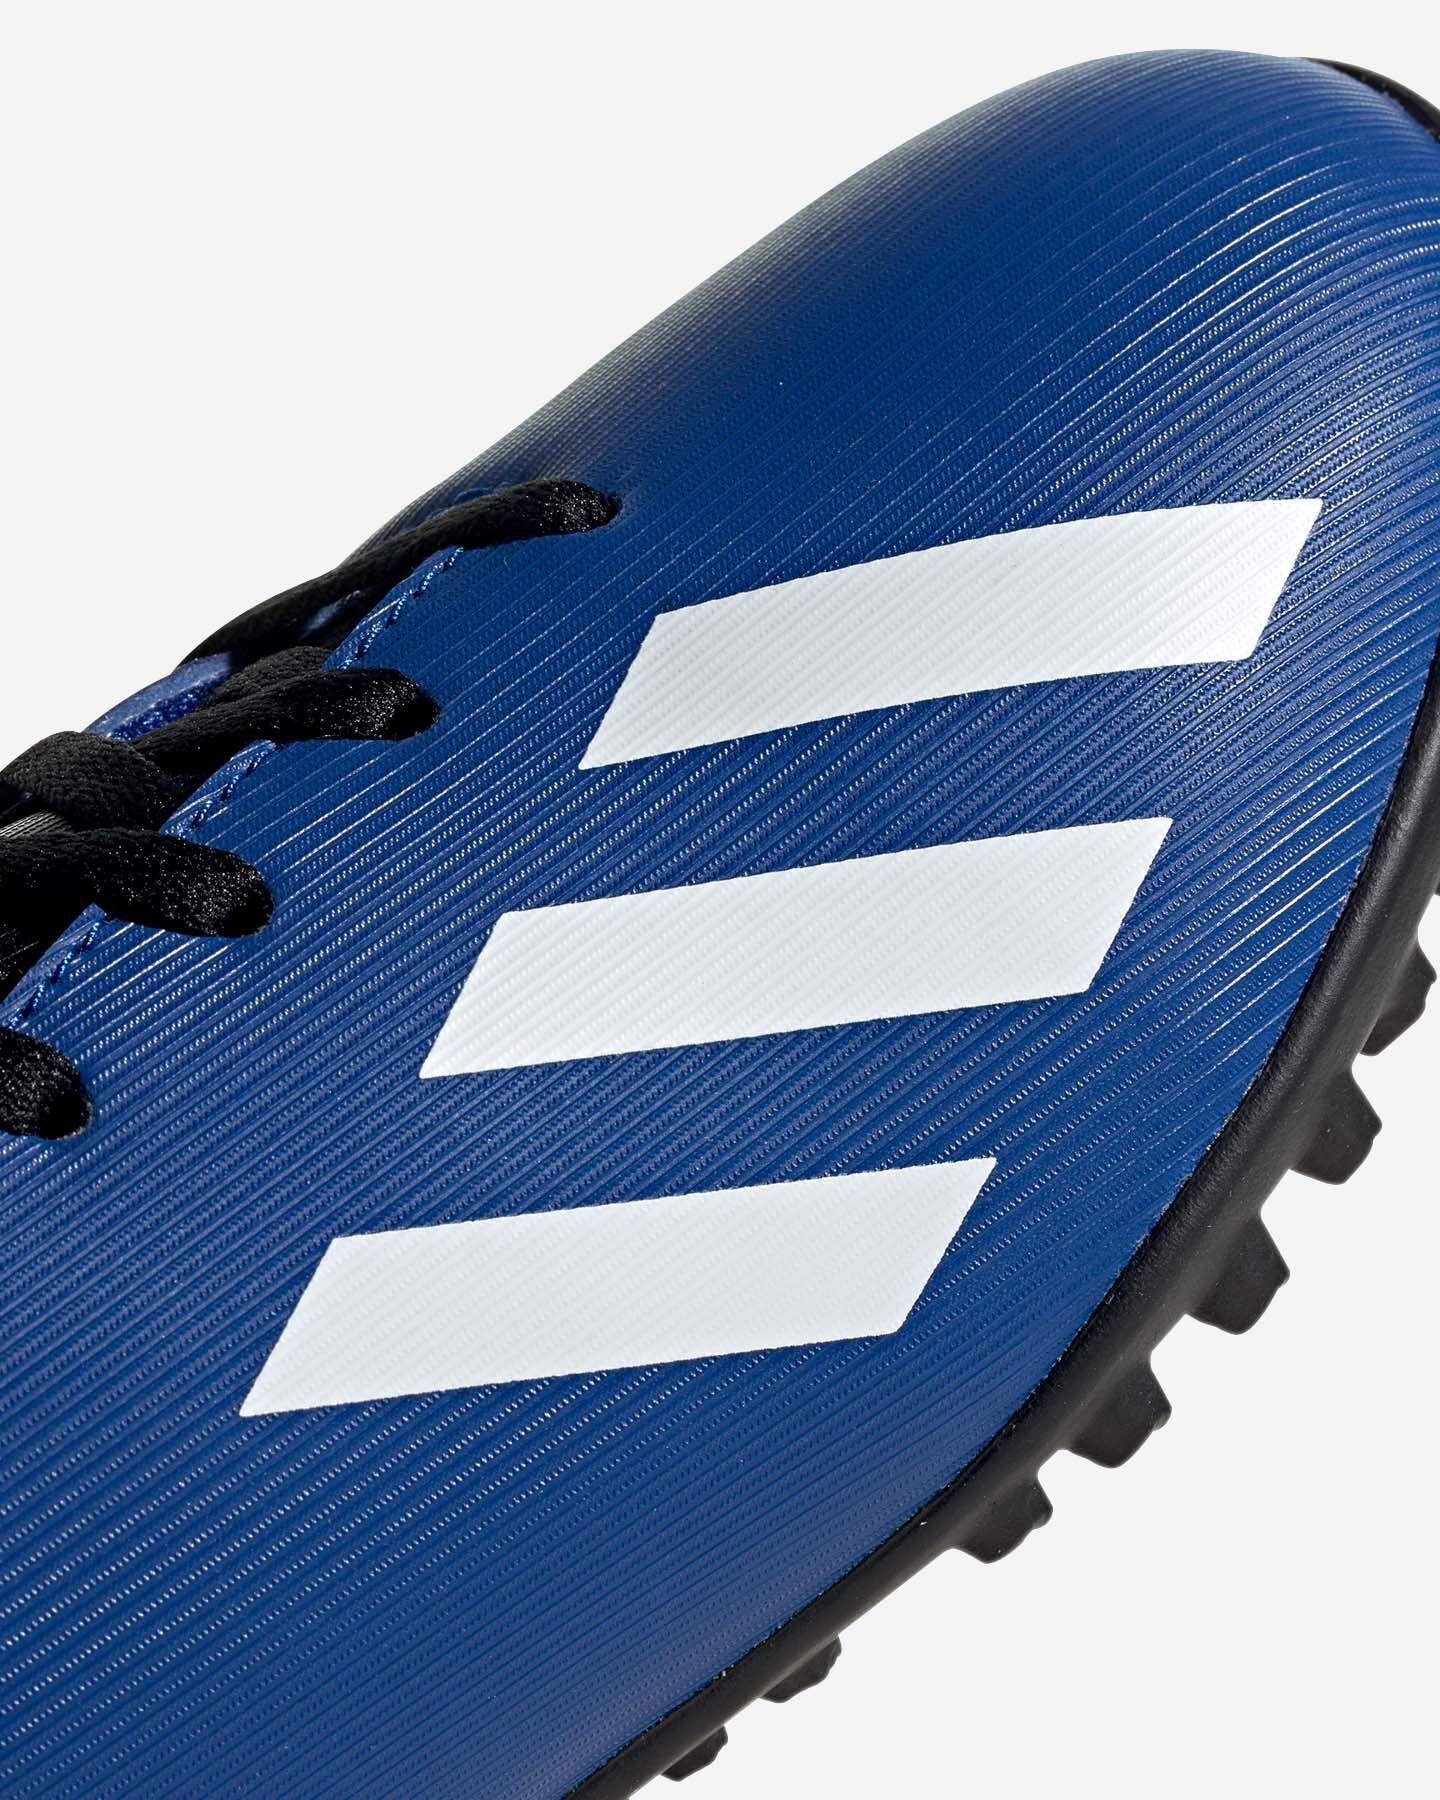 Scarpe calcio ADIDAS X 19.4 TF JR S5150621 scatto 5